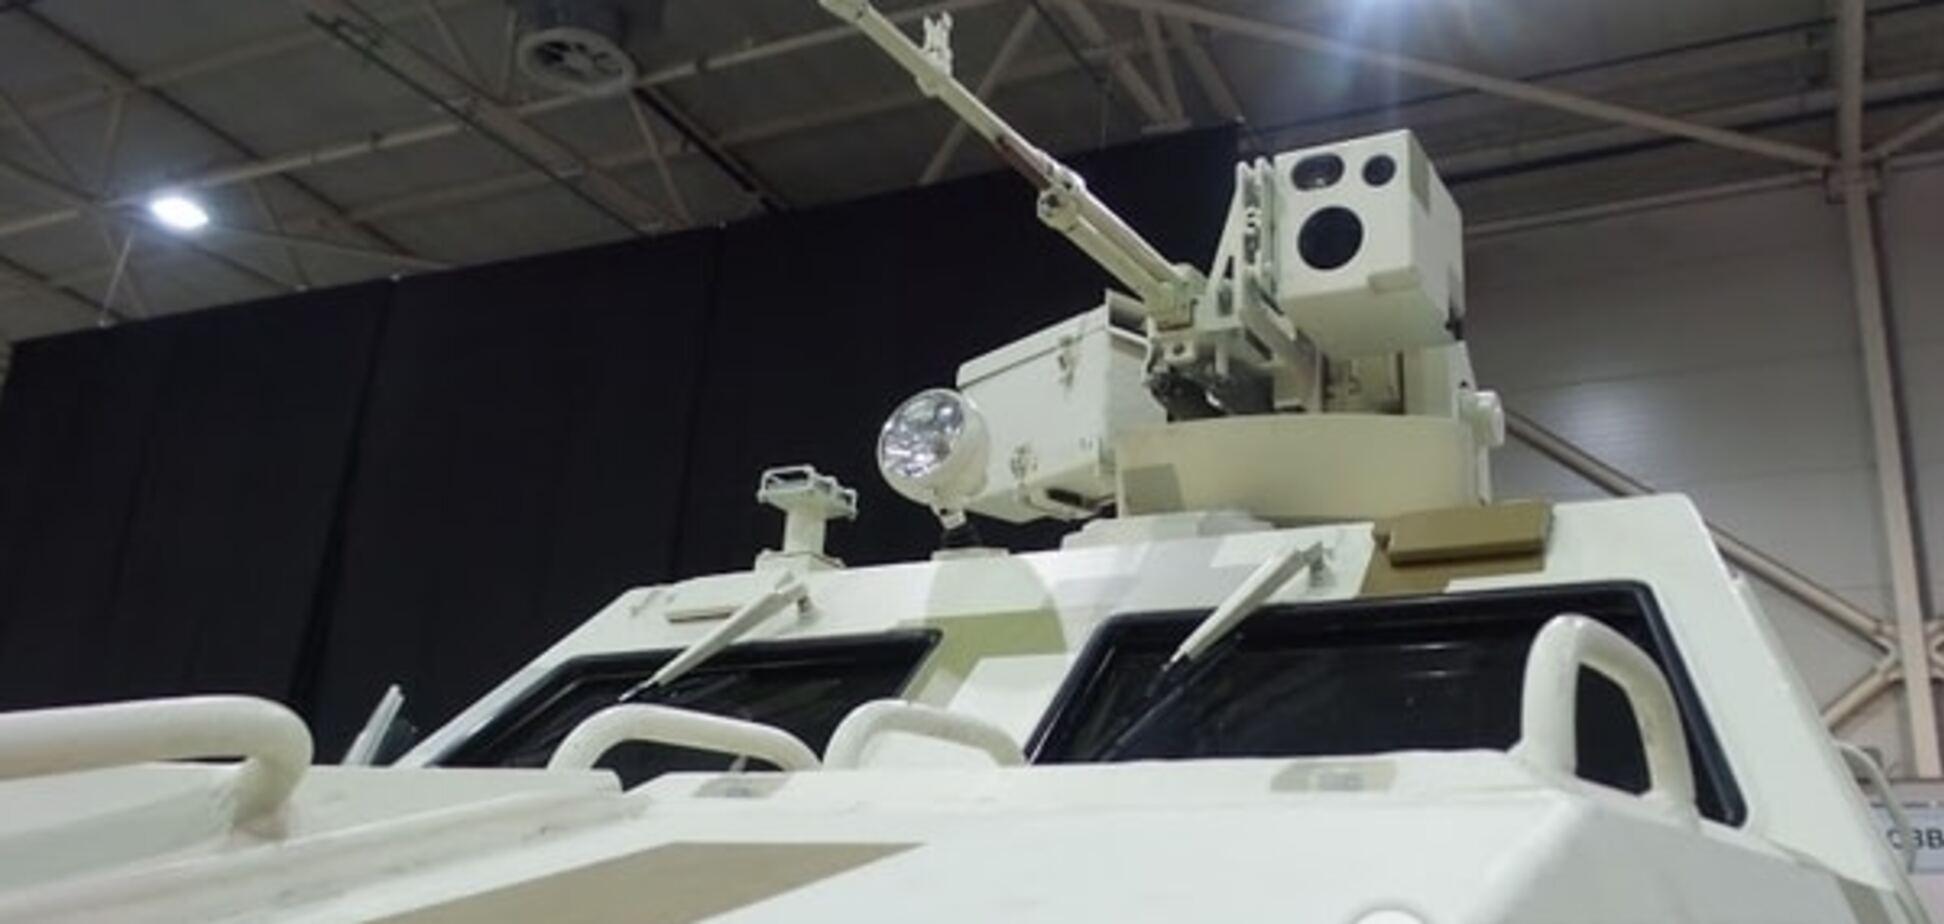 В Киеве на выставке 'Оружие и безопасность' показали 'Овод', 'Варан' и 'Форт 224': опубликованы фото